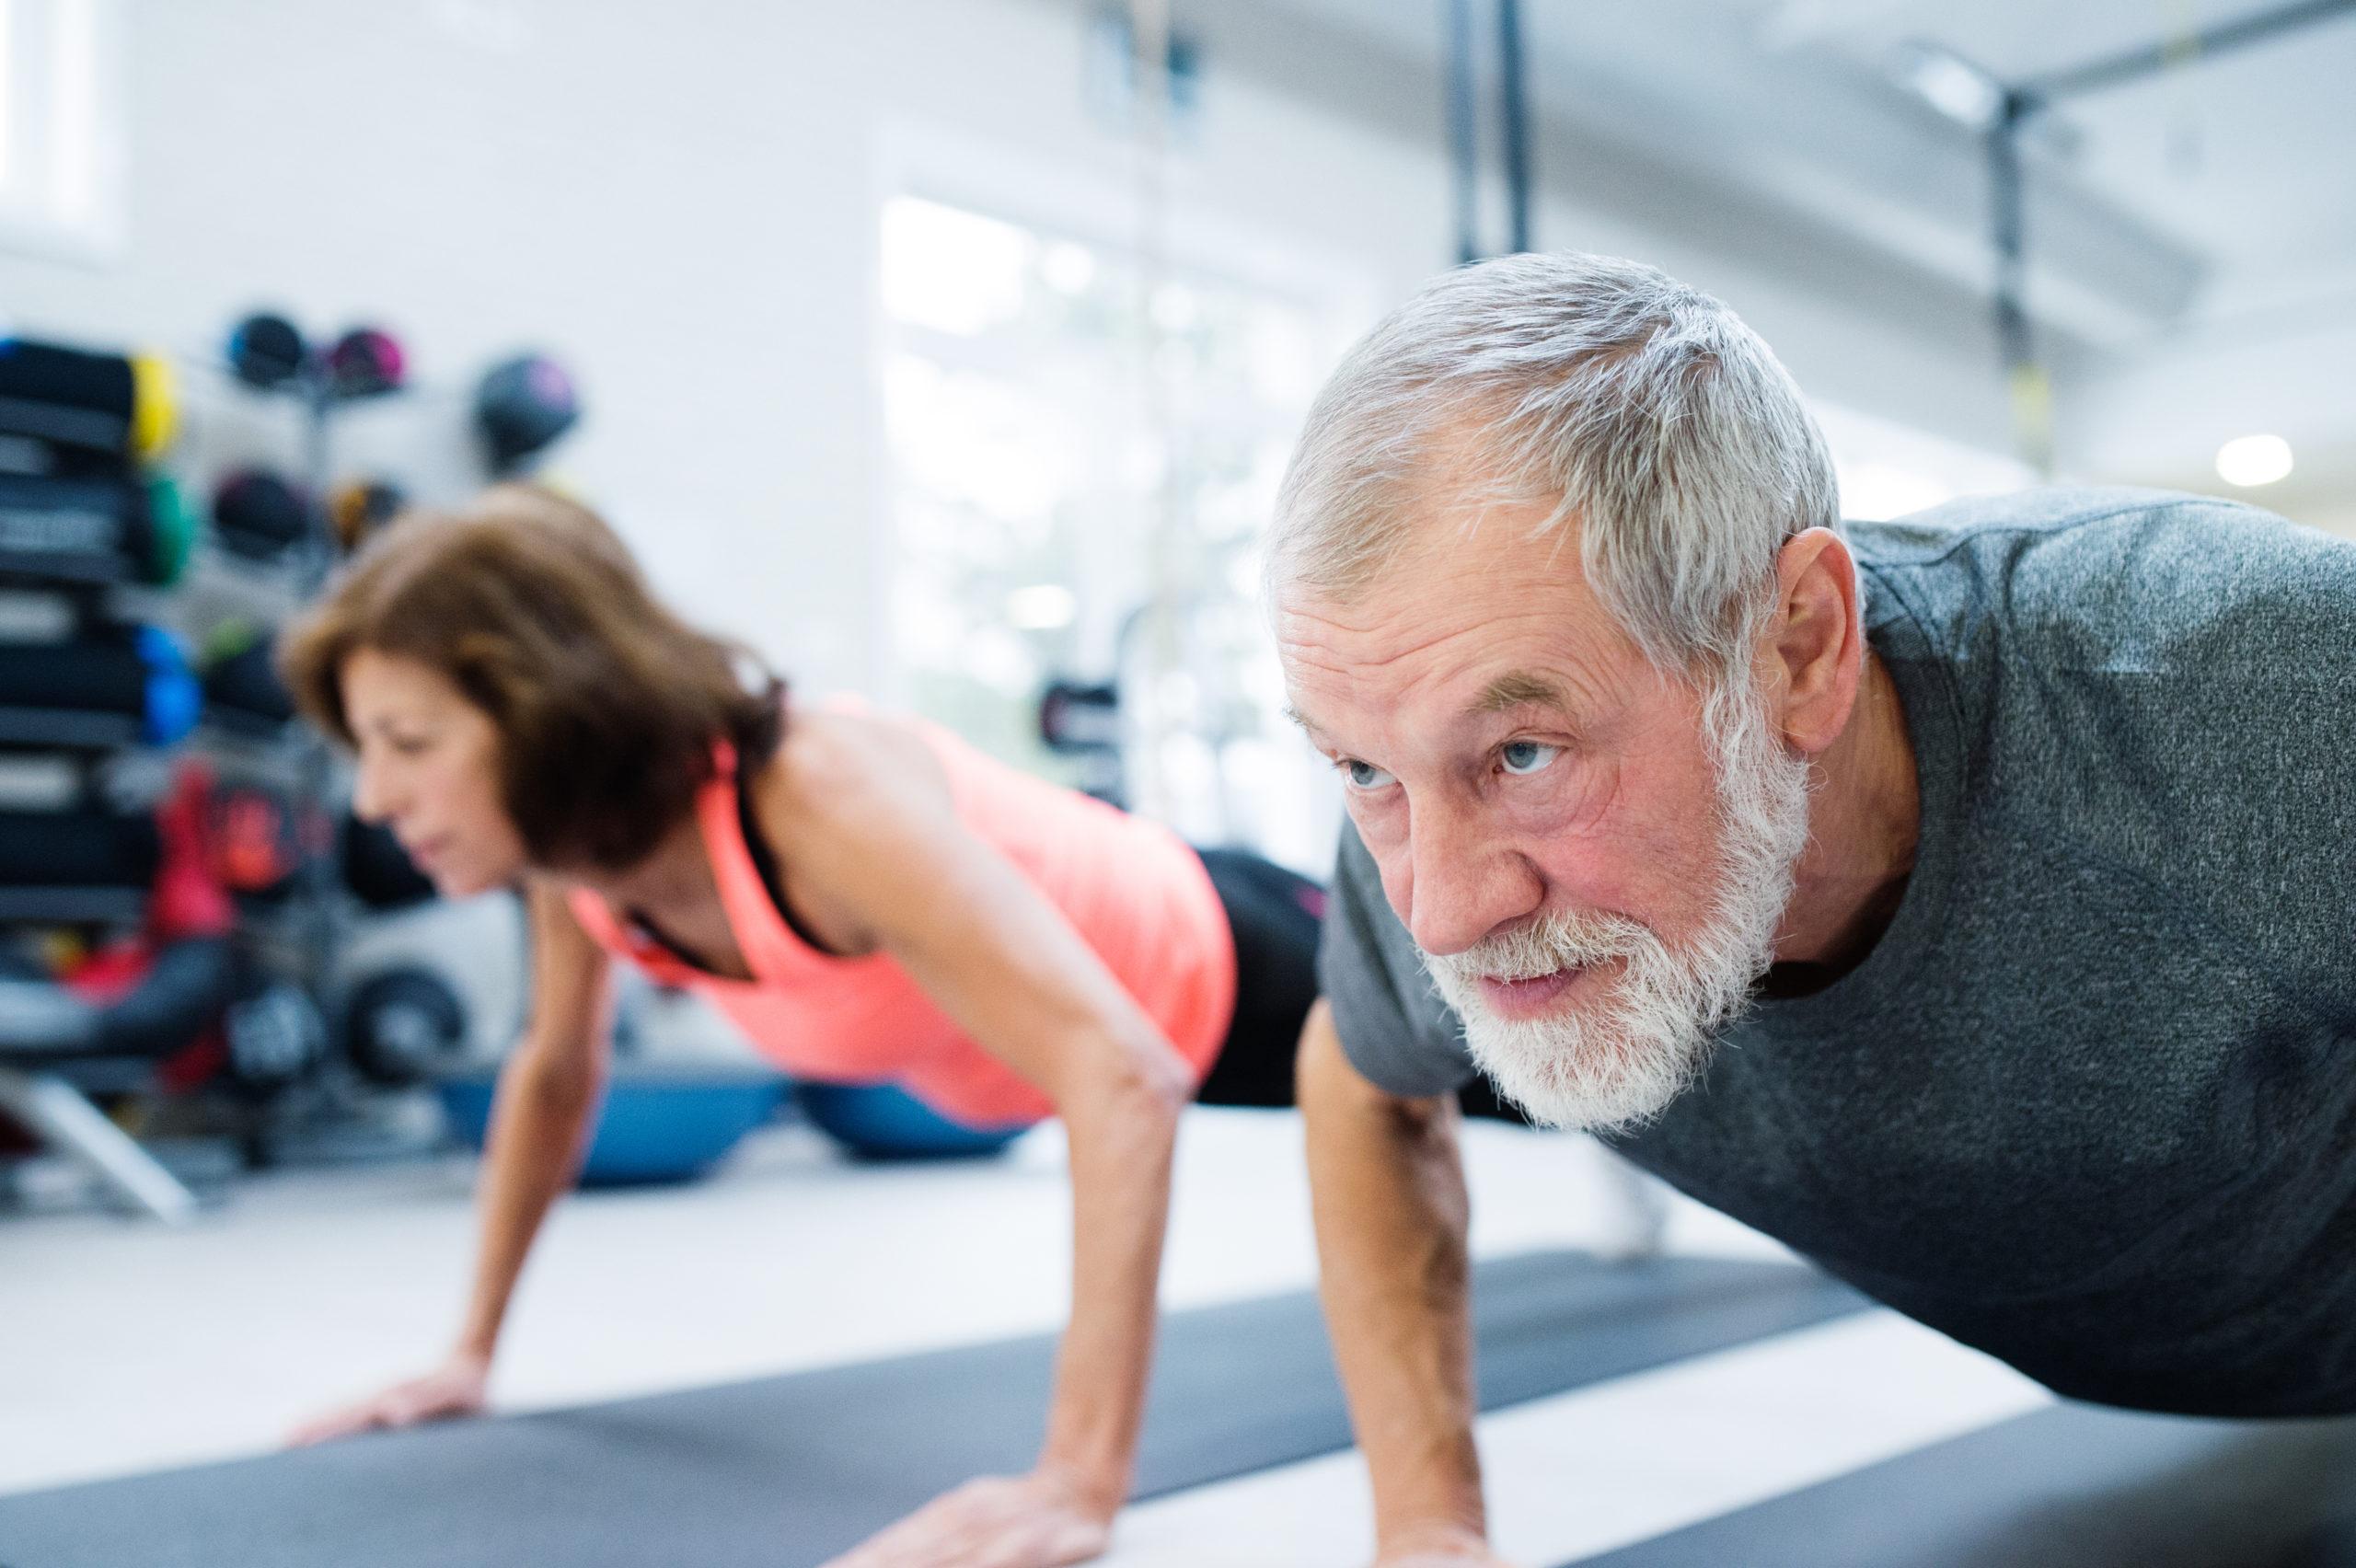 Sedentarismo e envelhecimento: entenda a relação